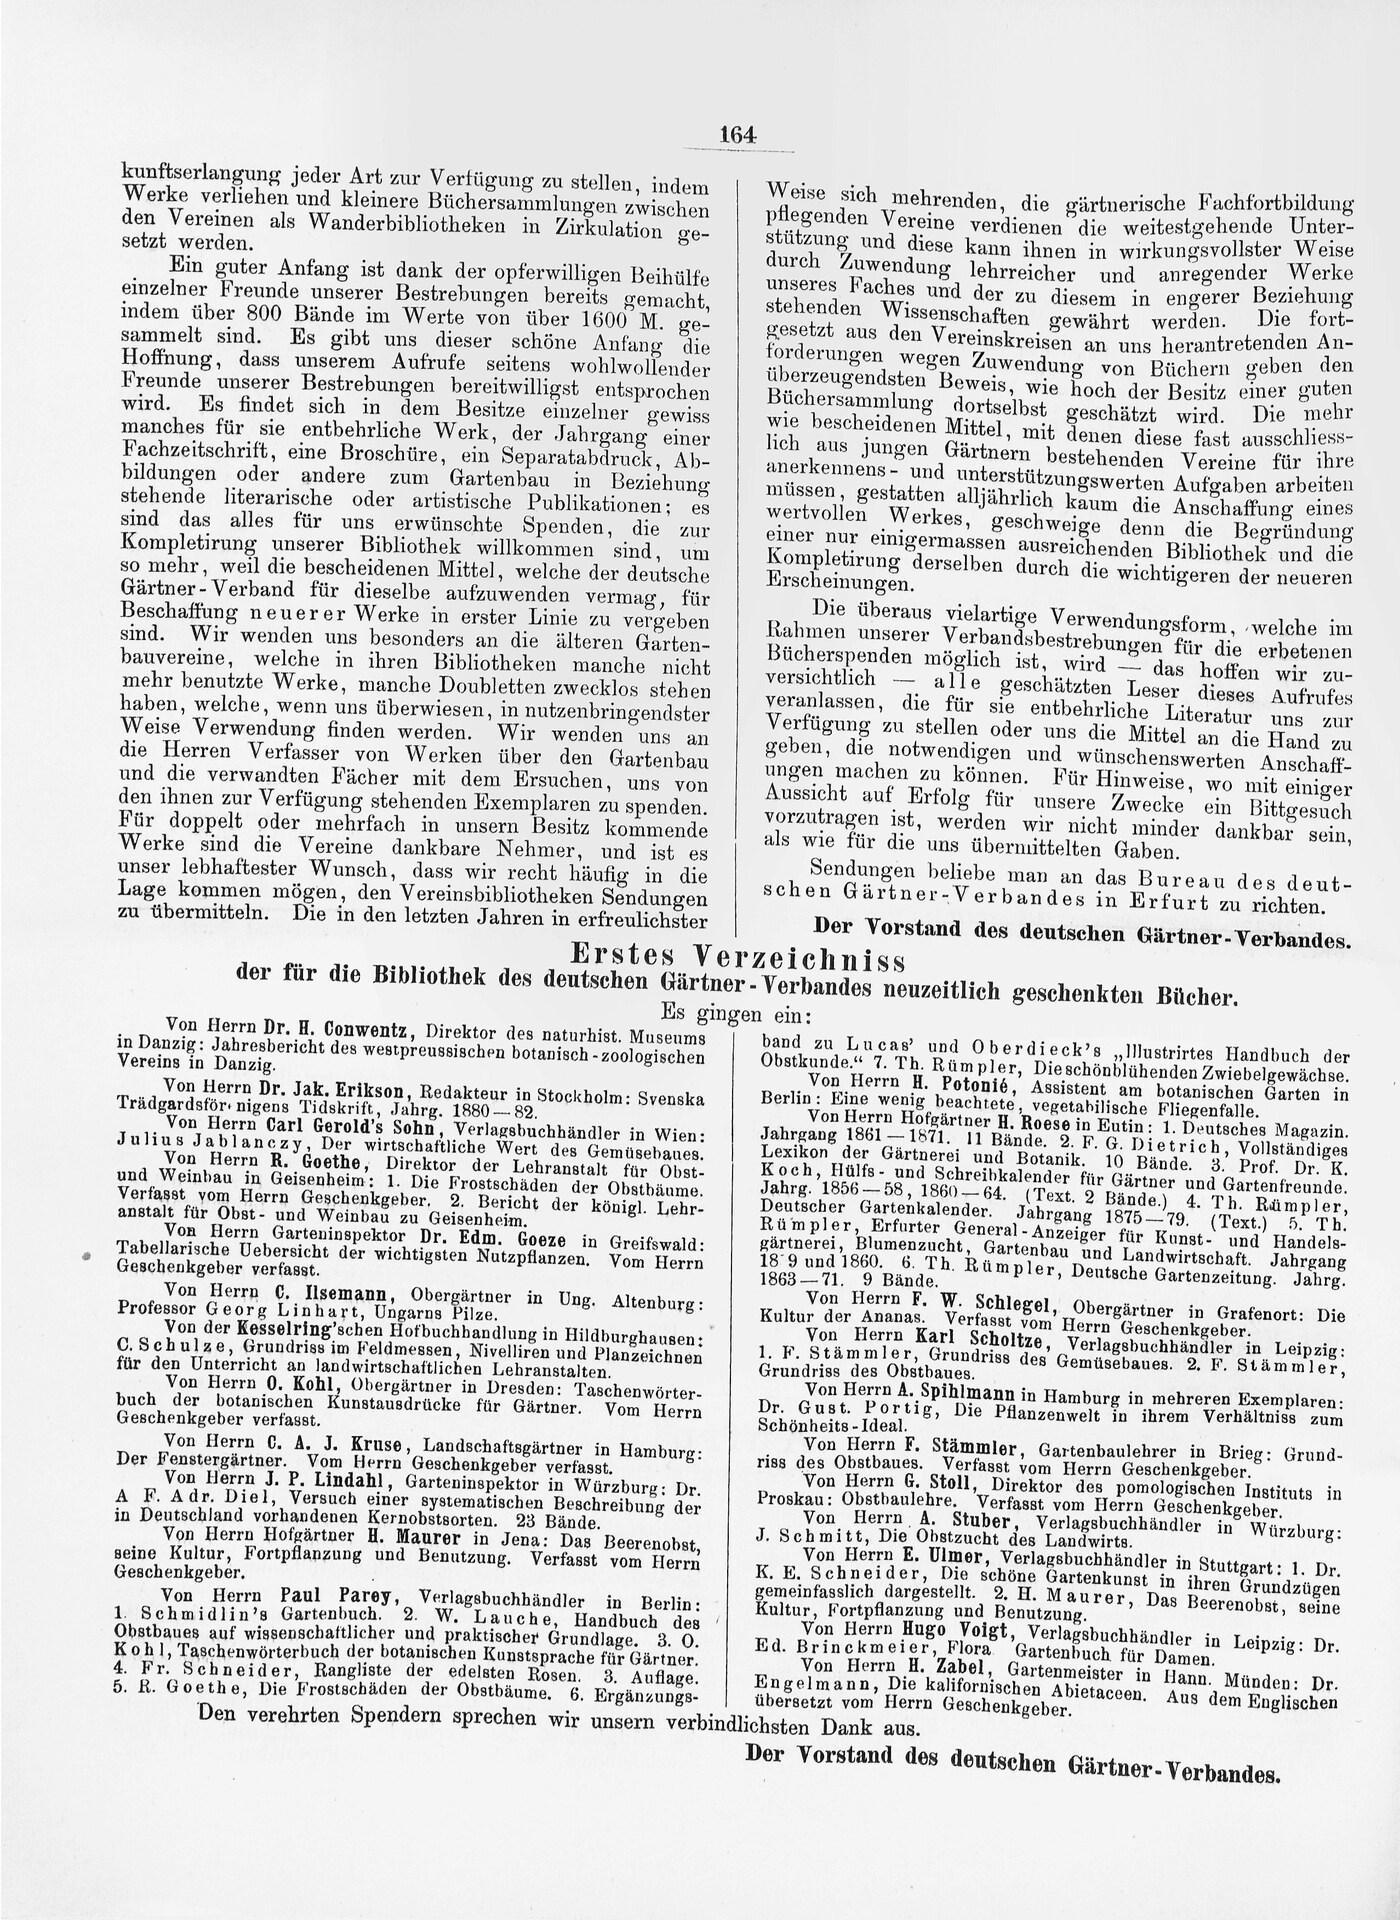 DGZAufrufbibliothek.06.164.jpg